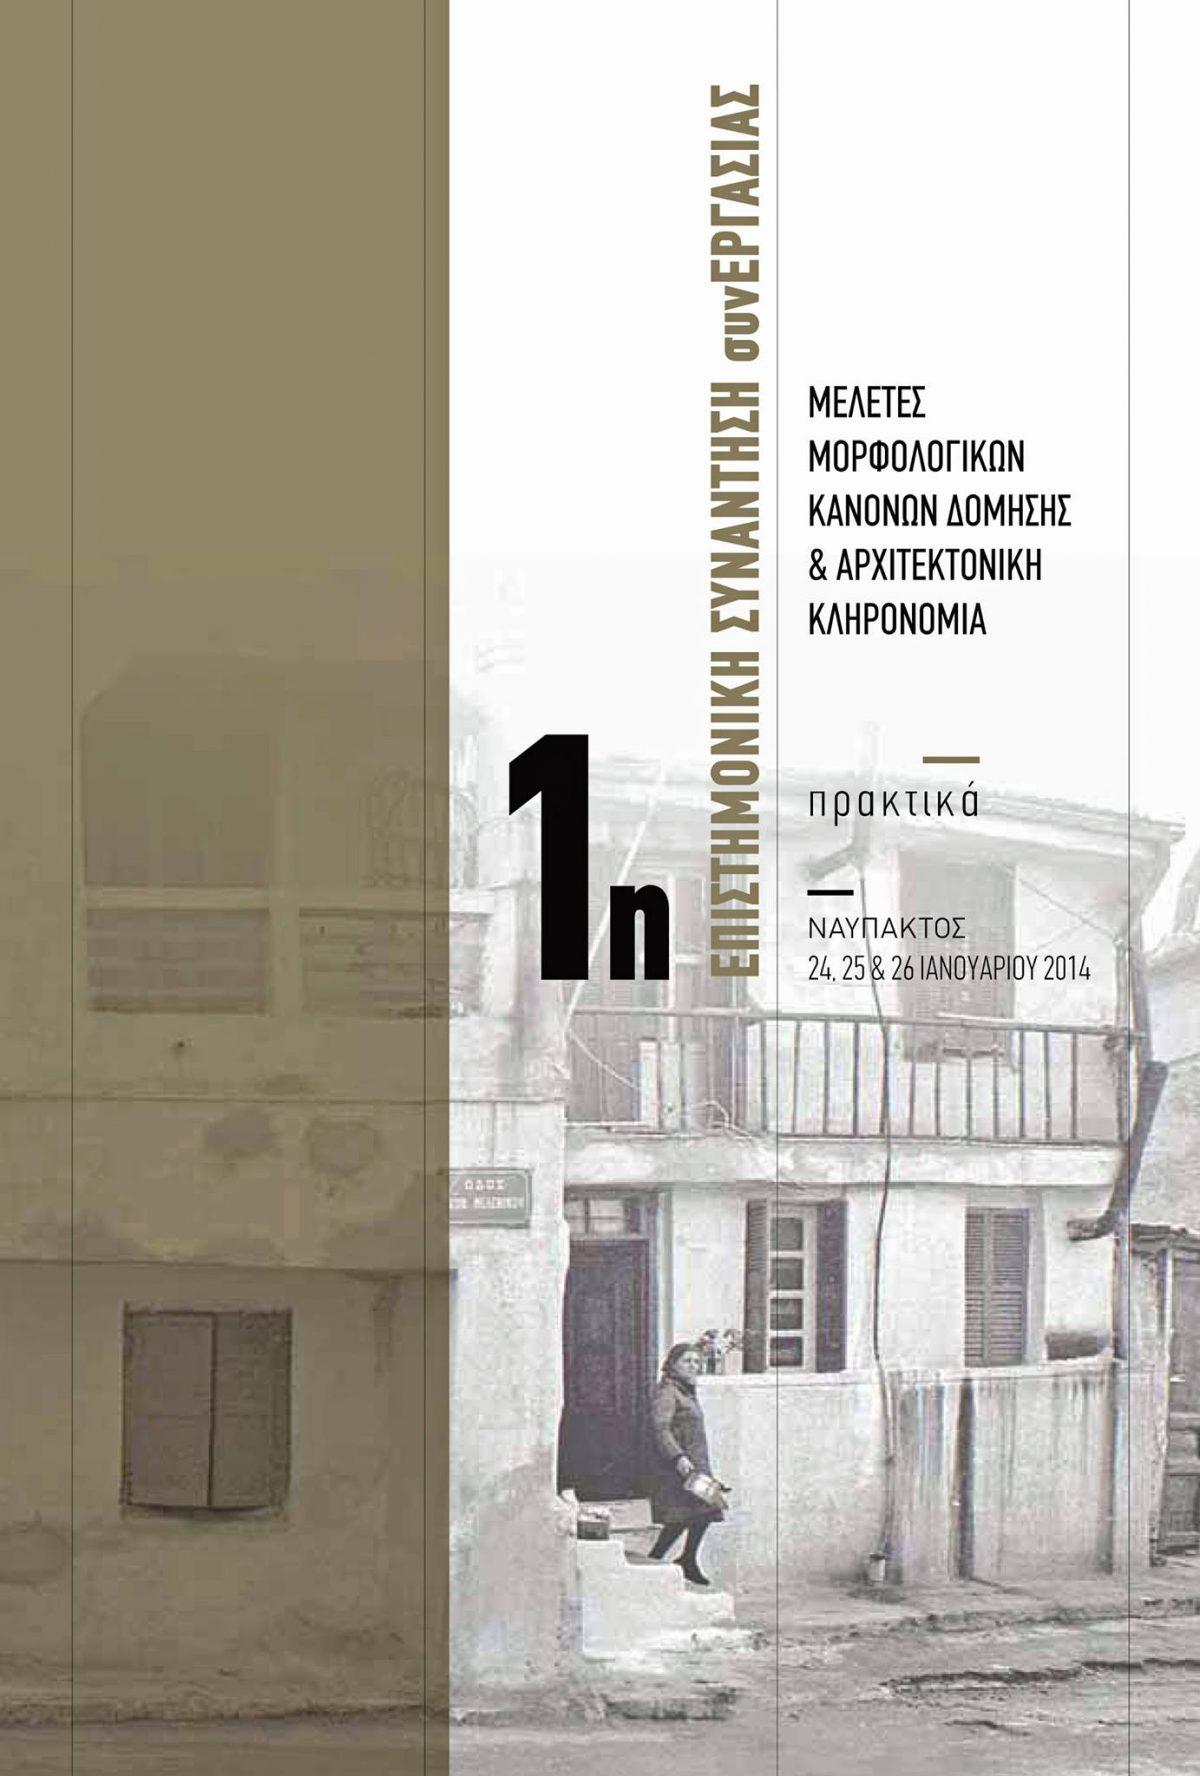 """Πρακτικά 1ης Επιστημονικής Συνάντησης συνΕΡΓΑΣΙΑΣ """"Μελέτες Μορφολογικών Κανόνων Δόμησης & Αρχιτεκτονική Κληρονομιά"""", Ναύπακτος 24-26 Ιανουαρίου 2014"""